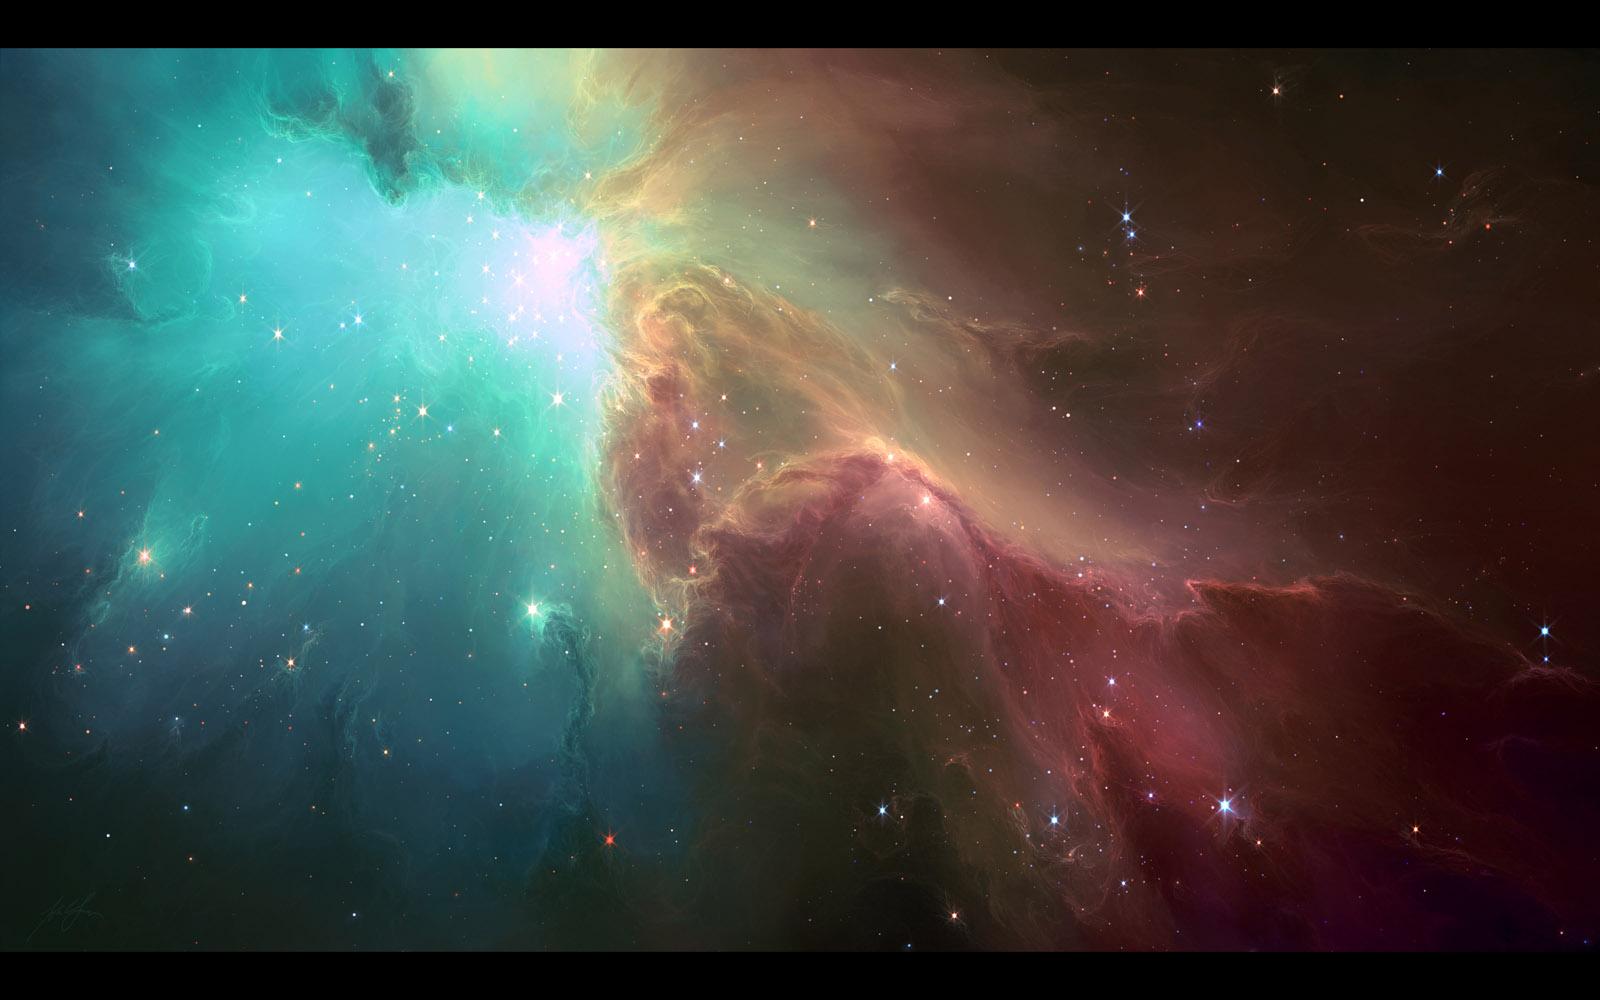 nebula galaxy wallpaper - photo #38